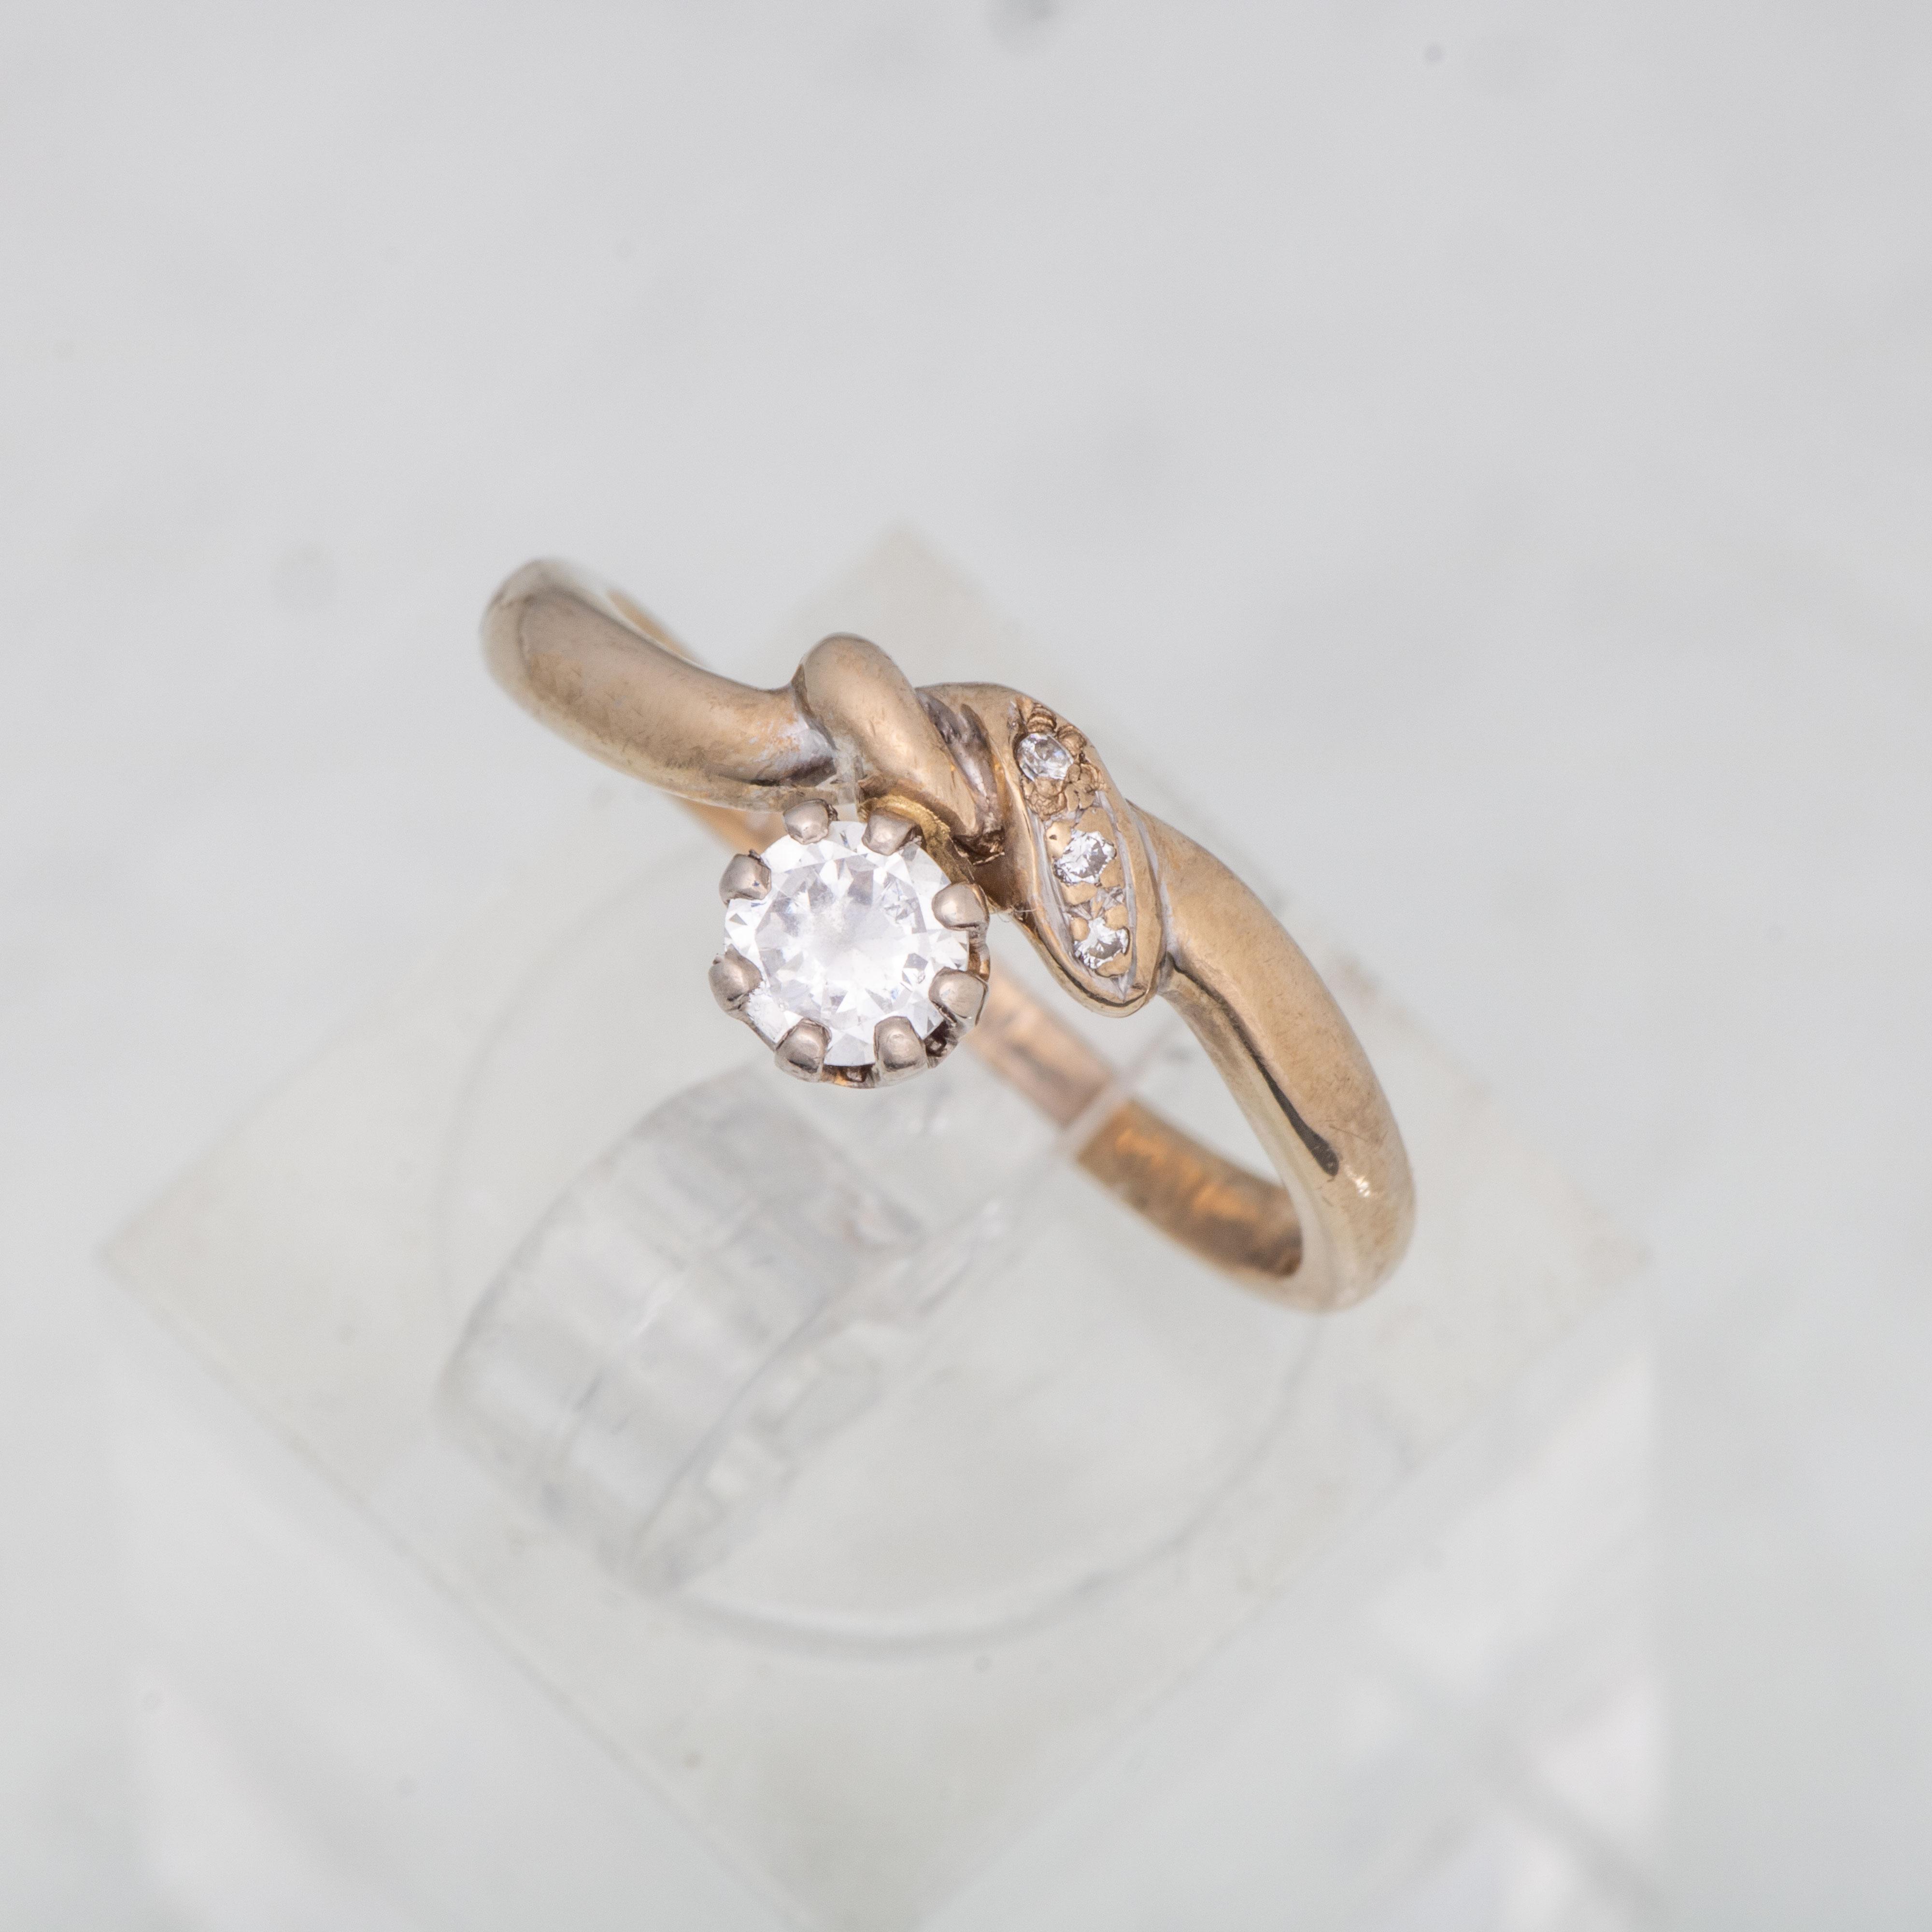 Ring, gult gull, diamanter, kvarts